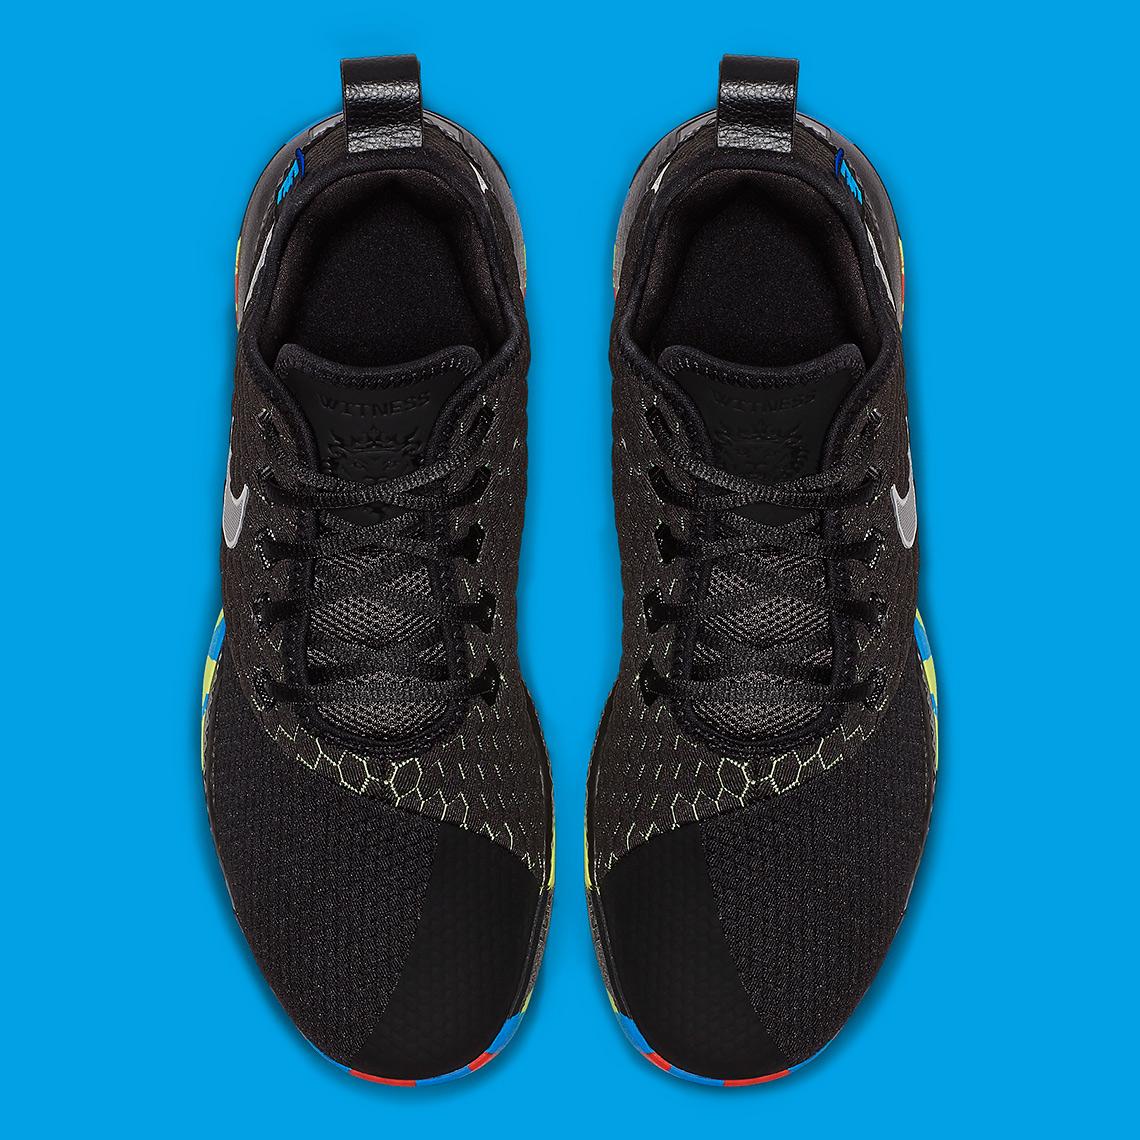 """nike lebron witness iii i promise AO4433 009 4 - Nike LeBron Witness III 3 """"I Promise"""" AO4433-009"""